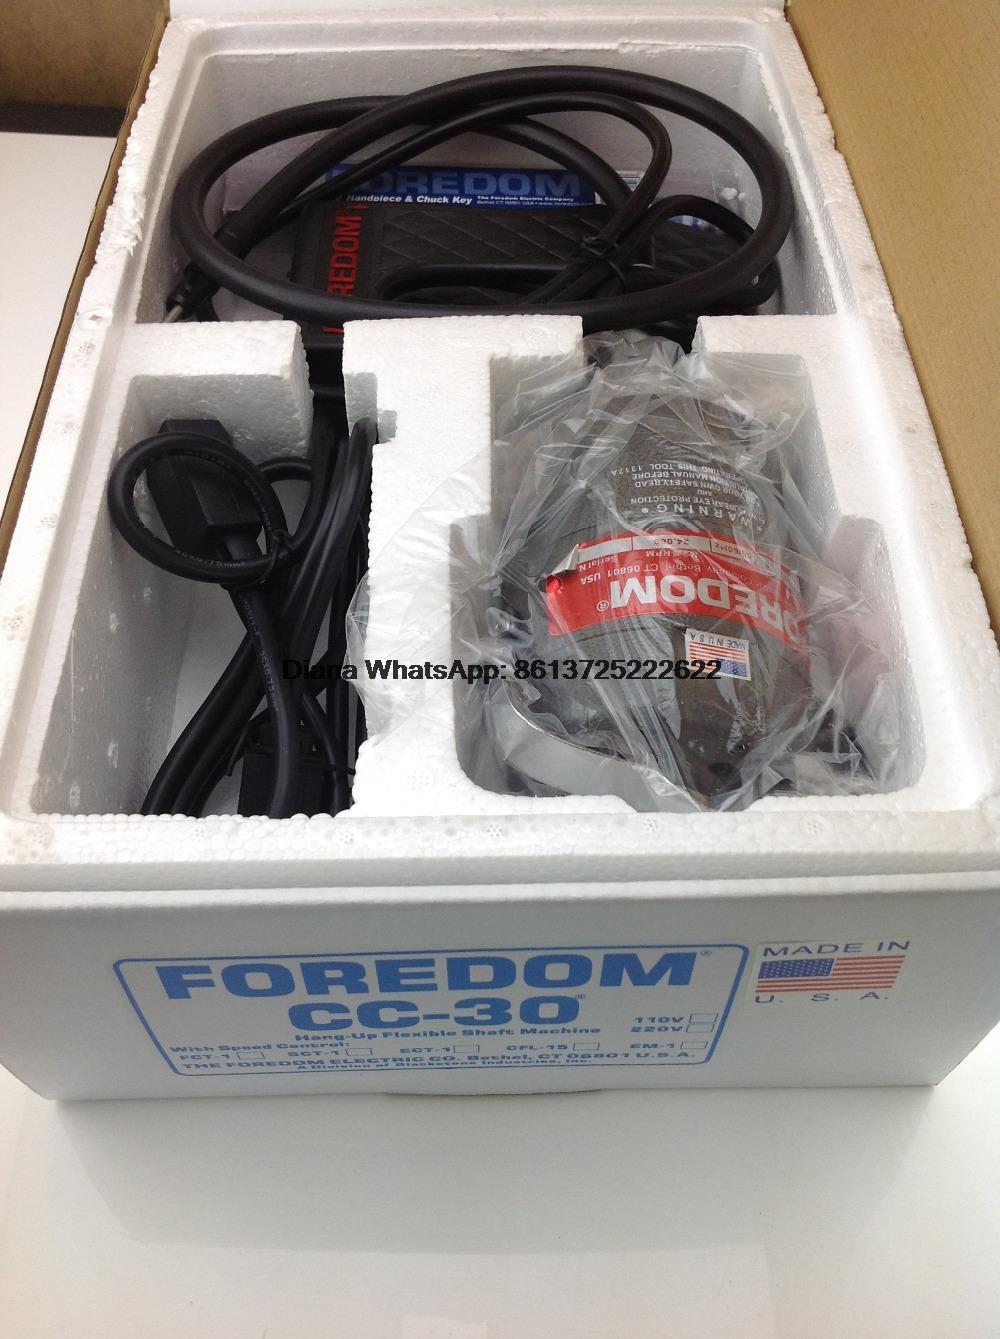 Livraison gratuite nouveau à 220V Foredom Flex arbre moteur Dremel polissage moteur bijoux outils équipement - 5